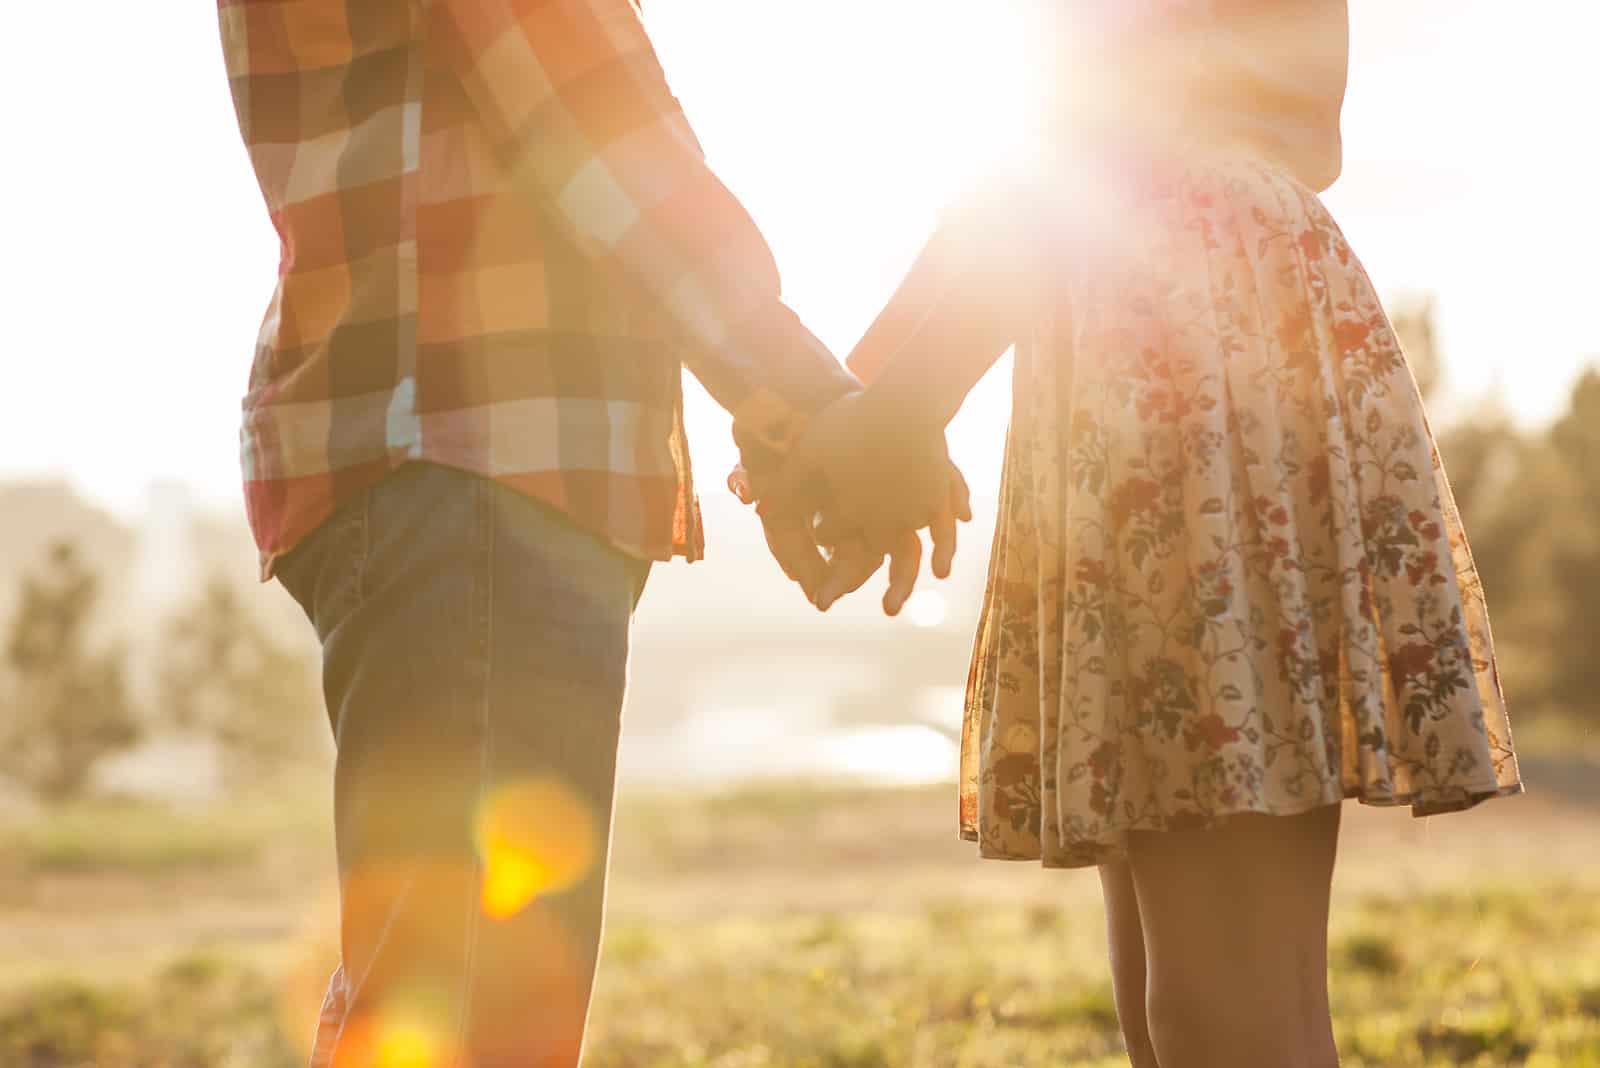 Paar verliebt Händchen haltend